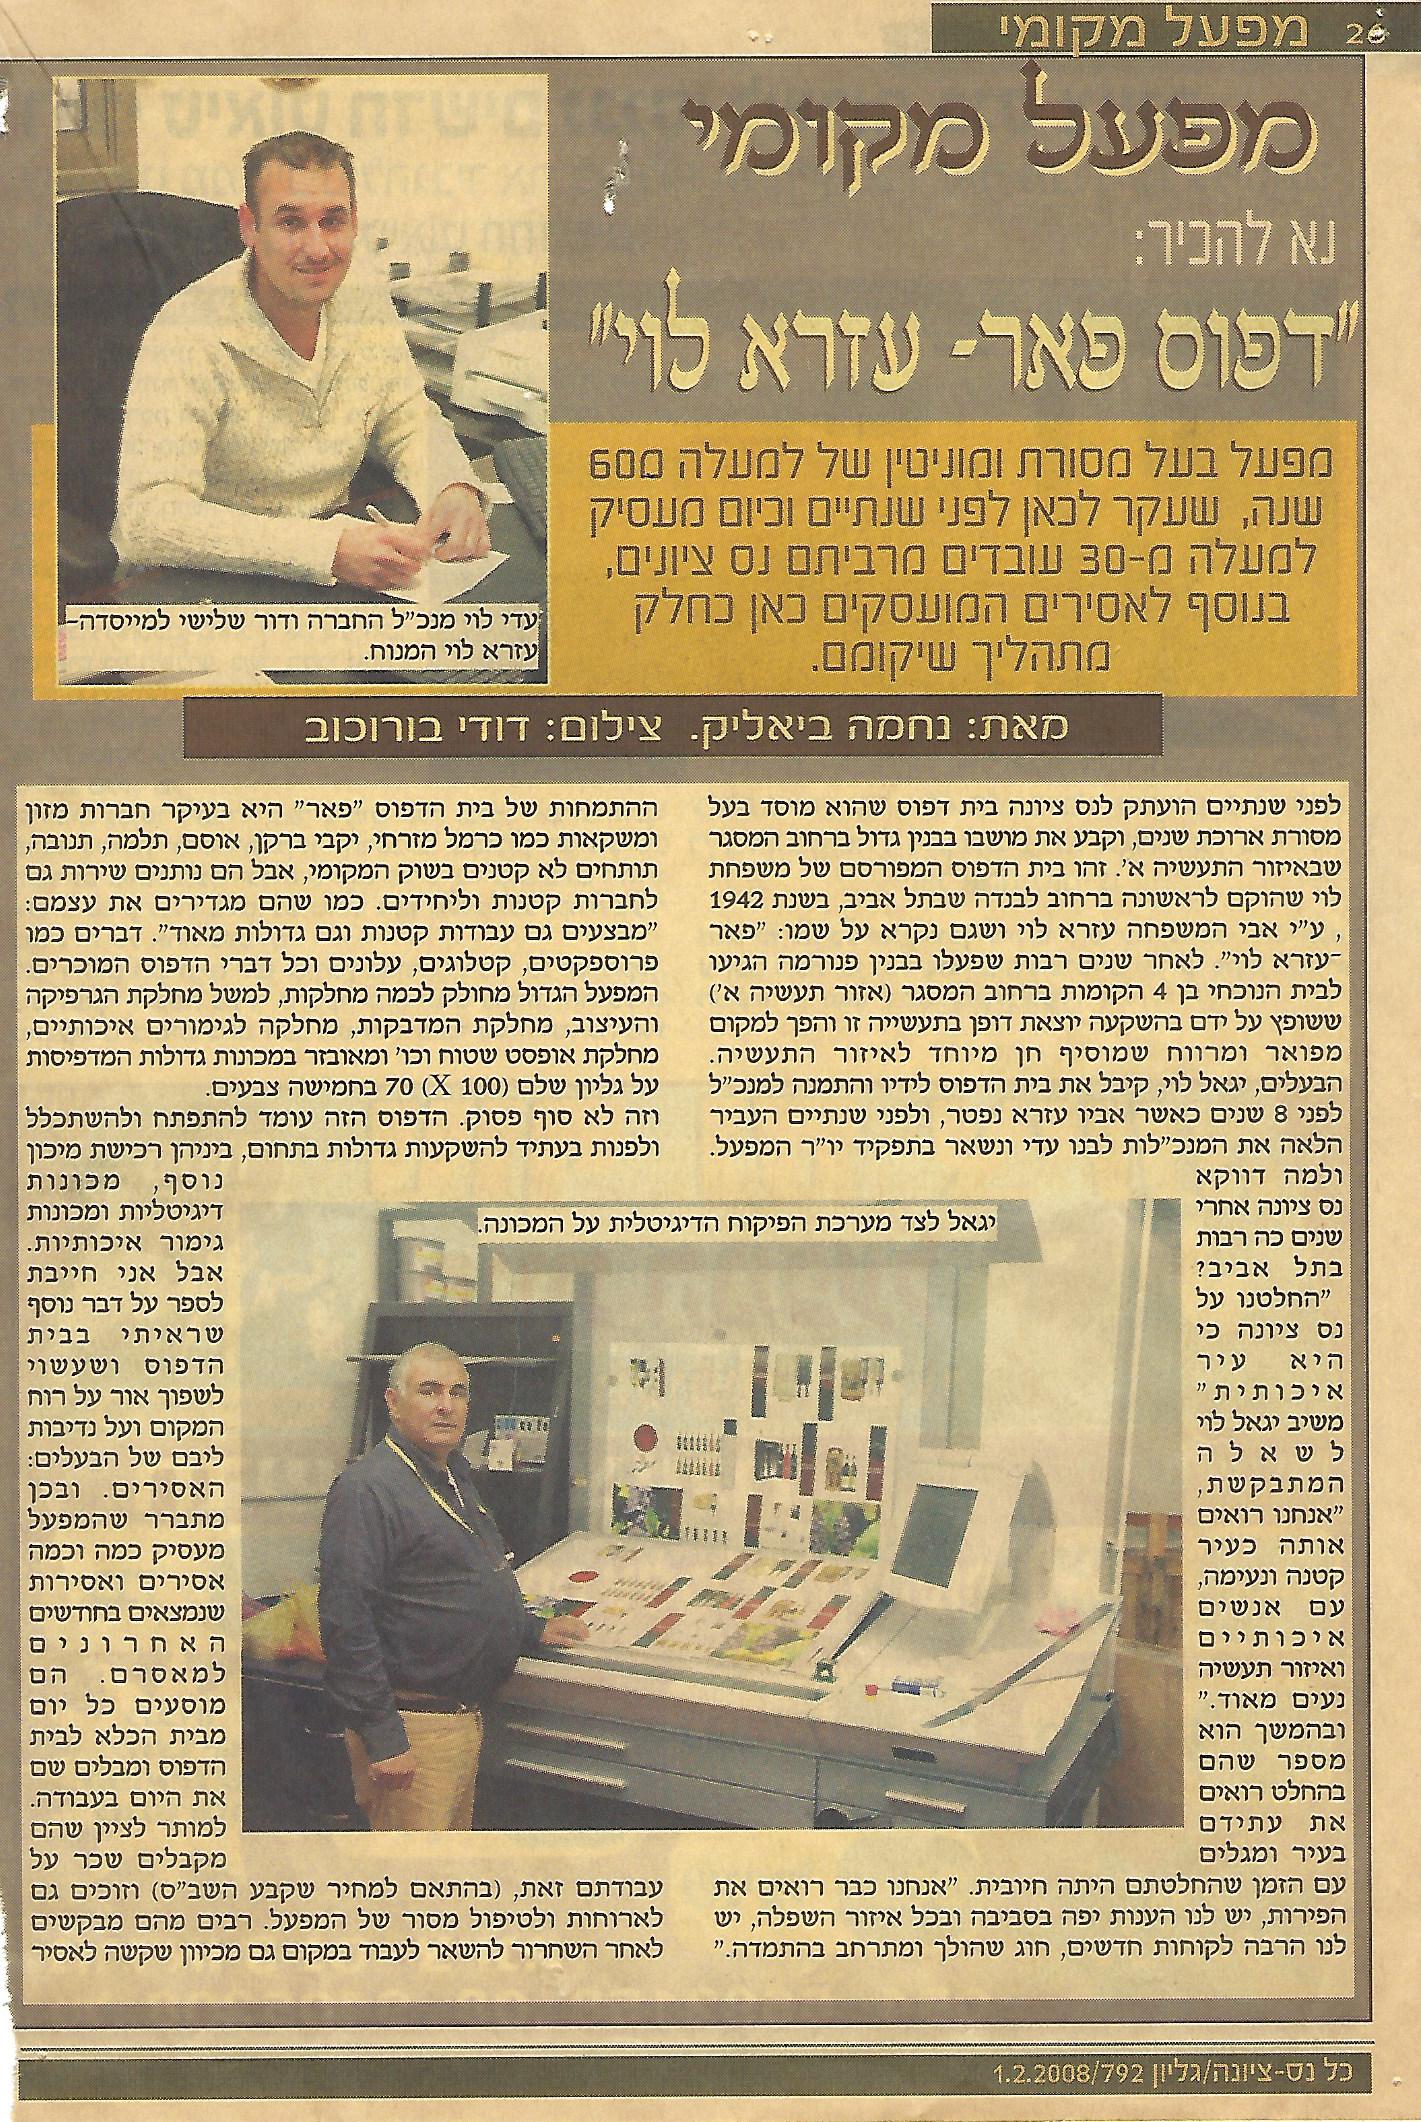 כתבה שהתפרסמה בעיתונות על דפוס פאר פרינט - רואים בתמונה את עדי לוי ויגאל לוי